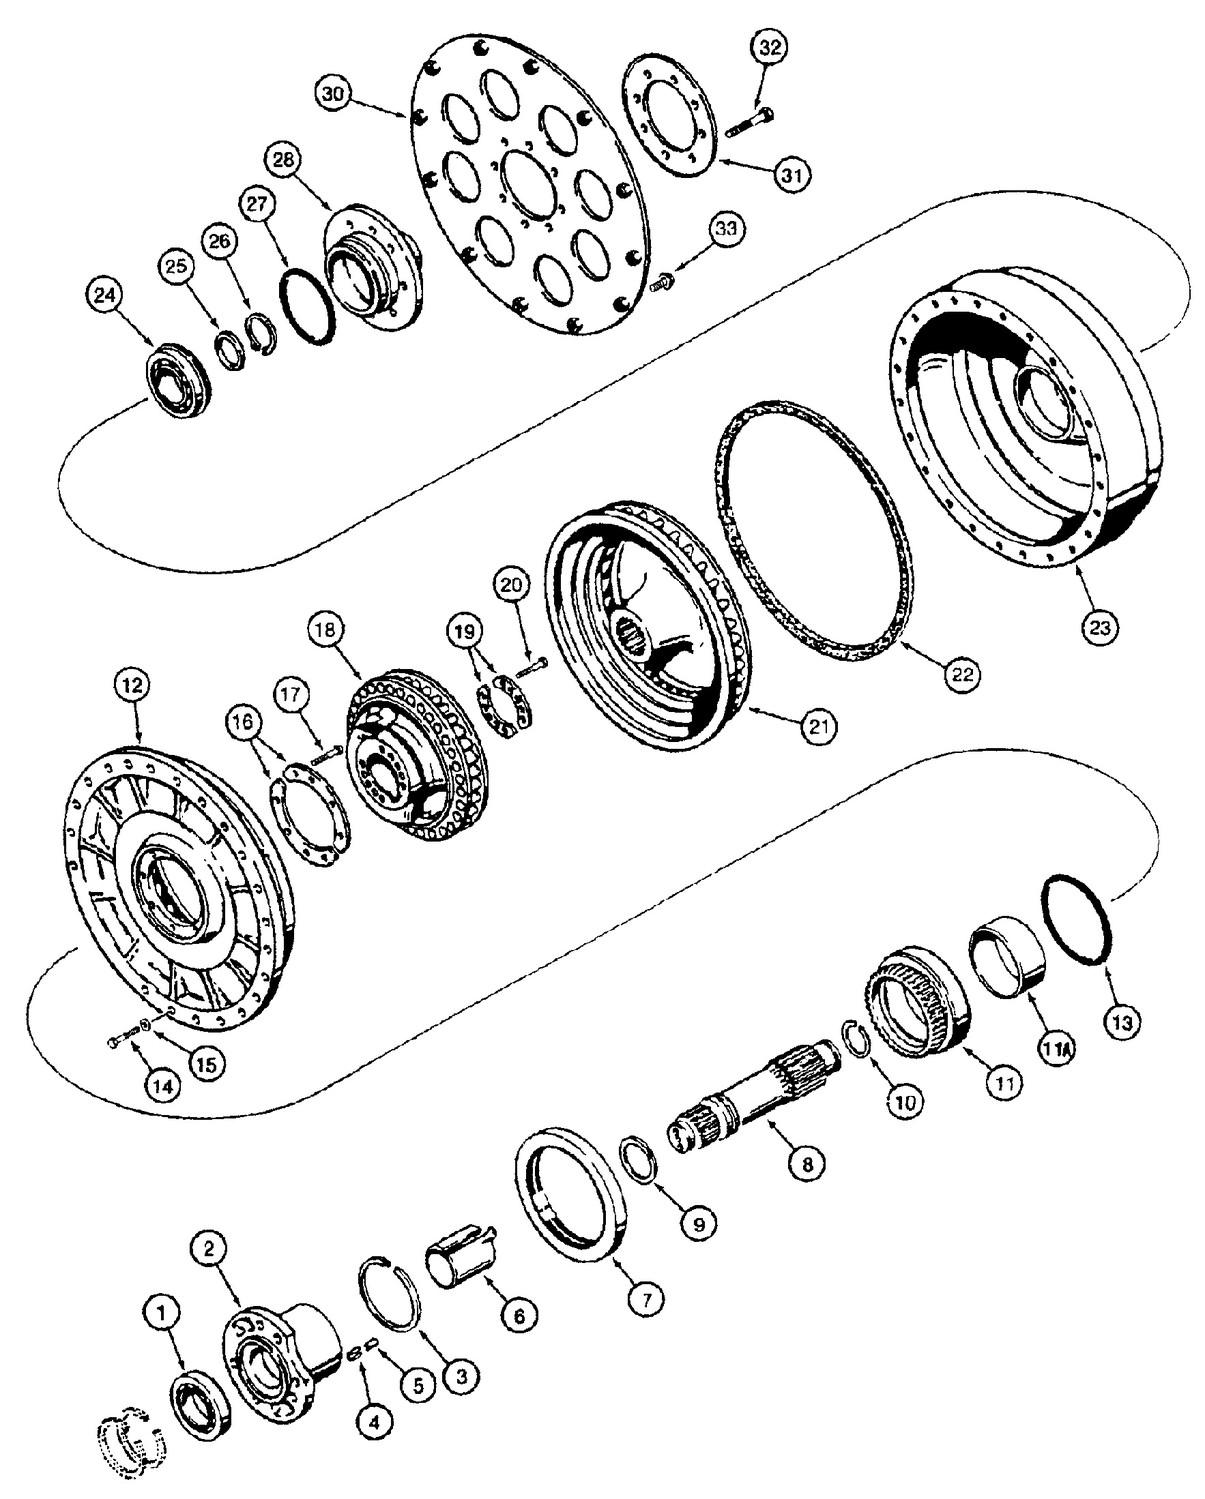 Toyota Torque Converter Diagram